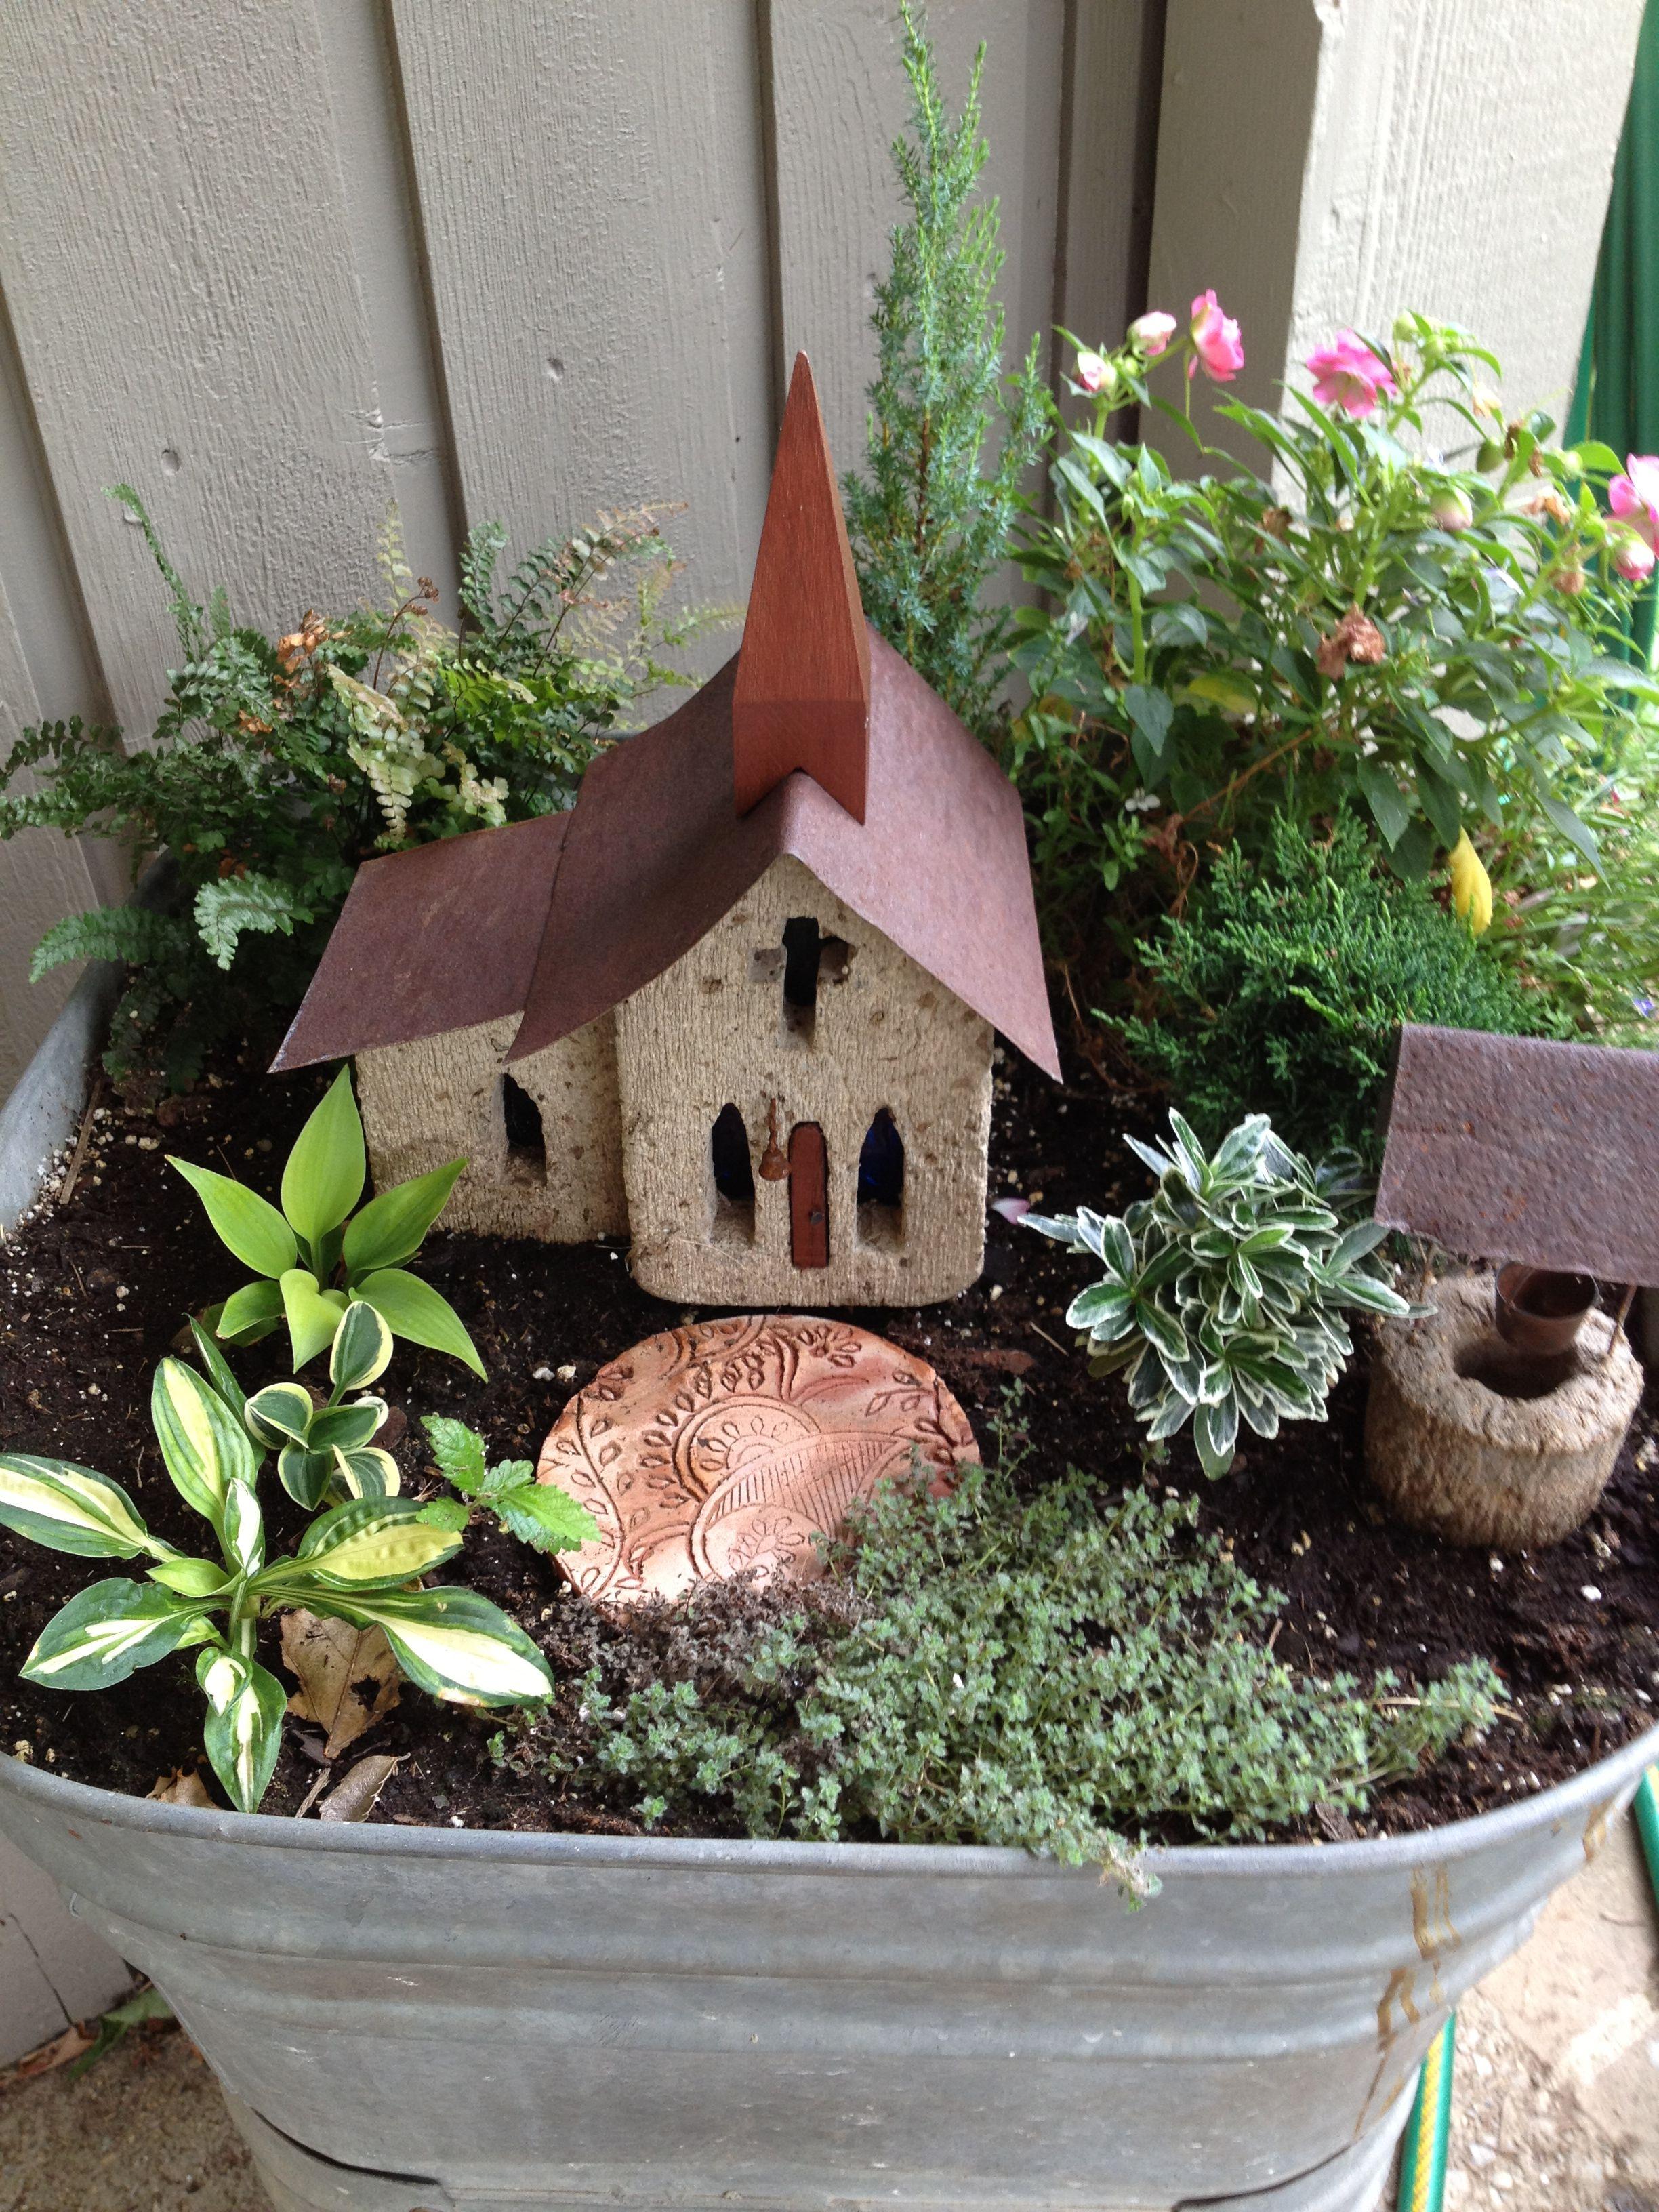 Soothing Fairy Mini Hostas Fairy Mini Hostas Garden Ideas Pinterest Fairy Fairy Garden Container Ideas garden Fairy Garden Containers Ideas